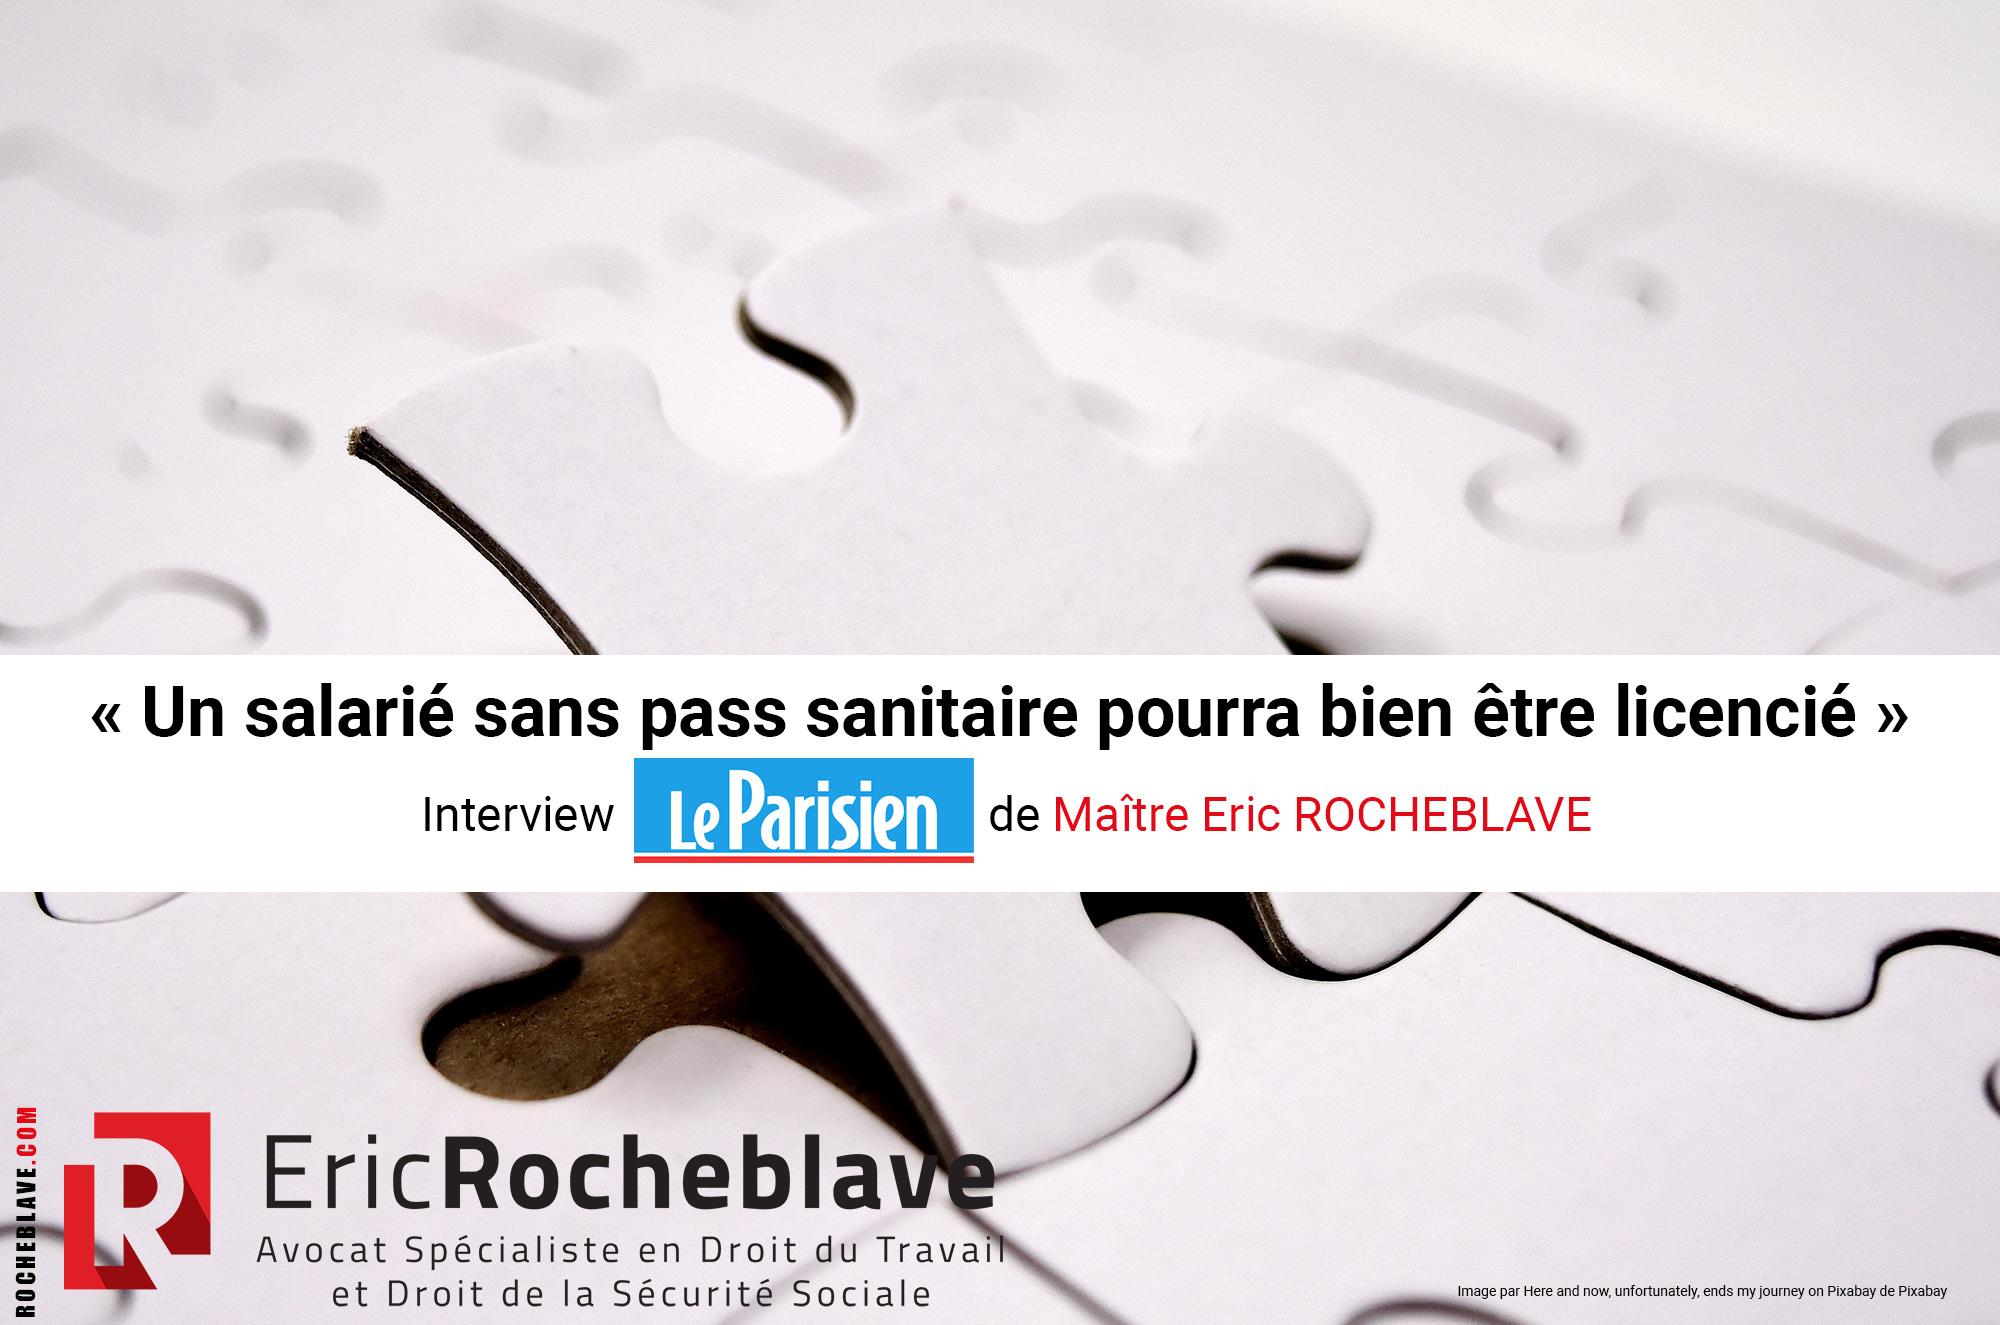 « Un salarié sans pass sanitaire pourra bien être licencié » Interview Le Parisien de Maître Eric ROCHEBLAVE